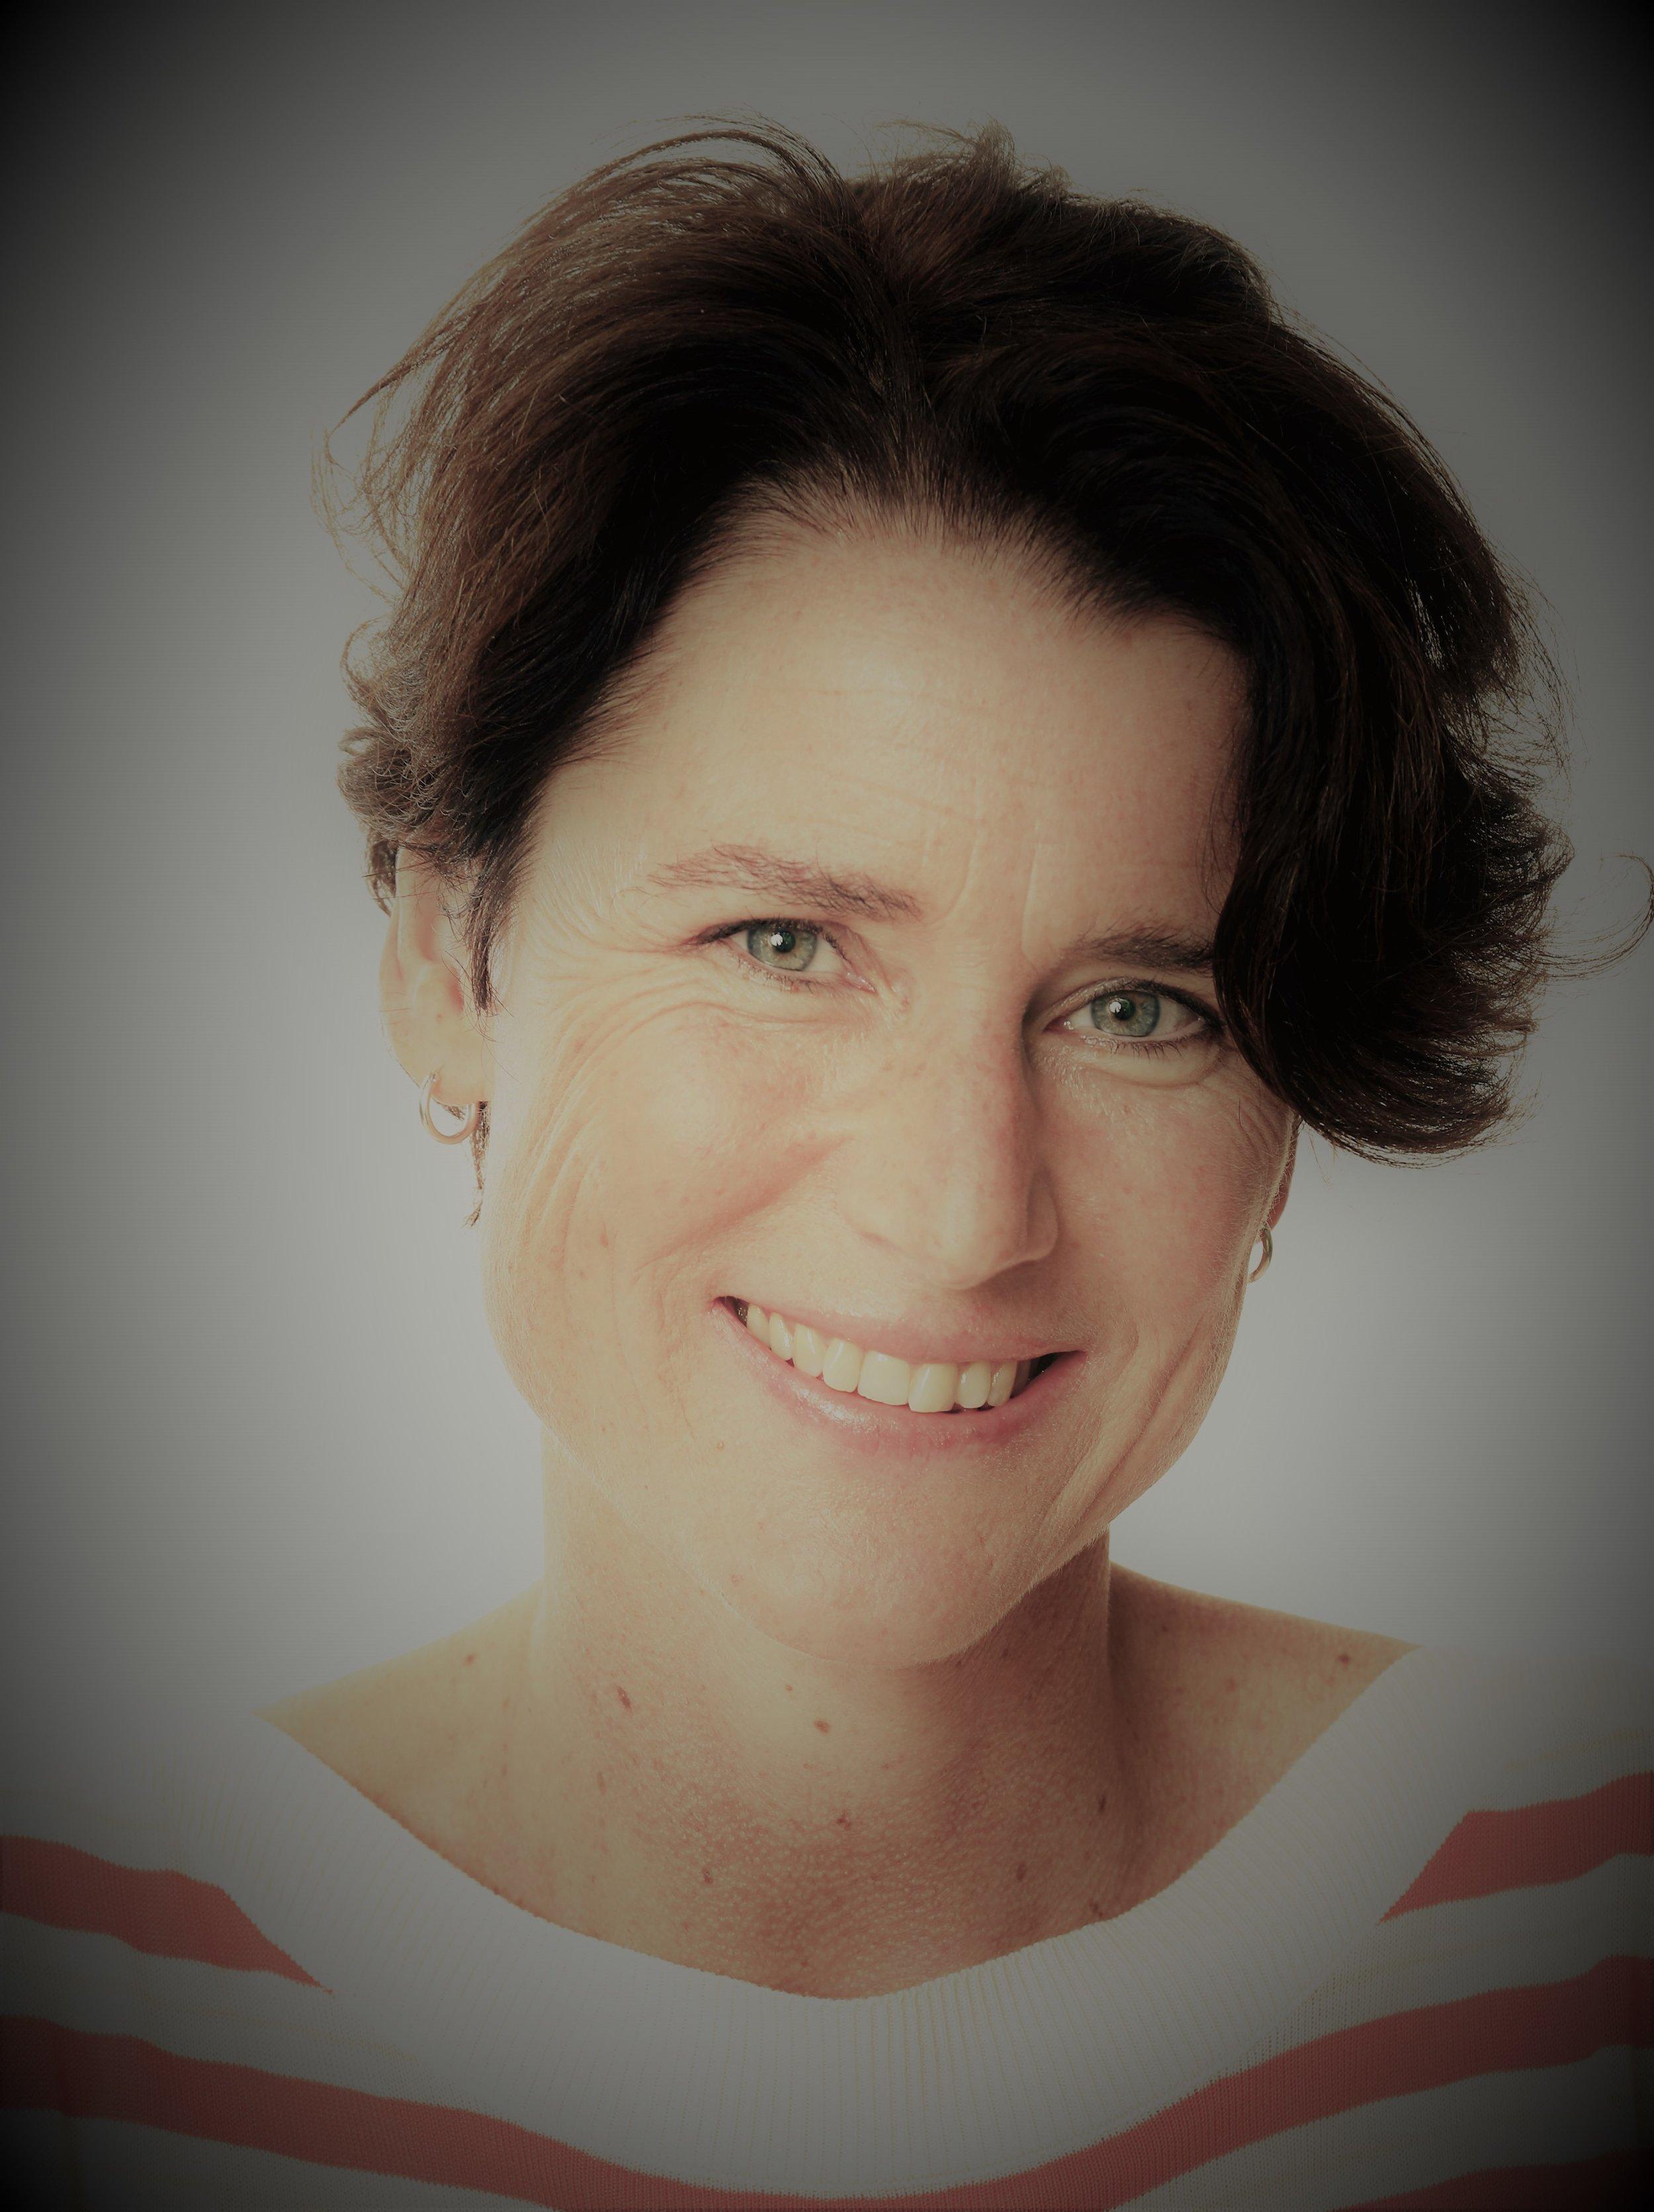 naamsvermelding verplichtfoto/copyright: Martijn van de Griendt